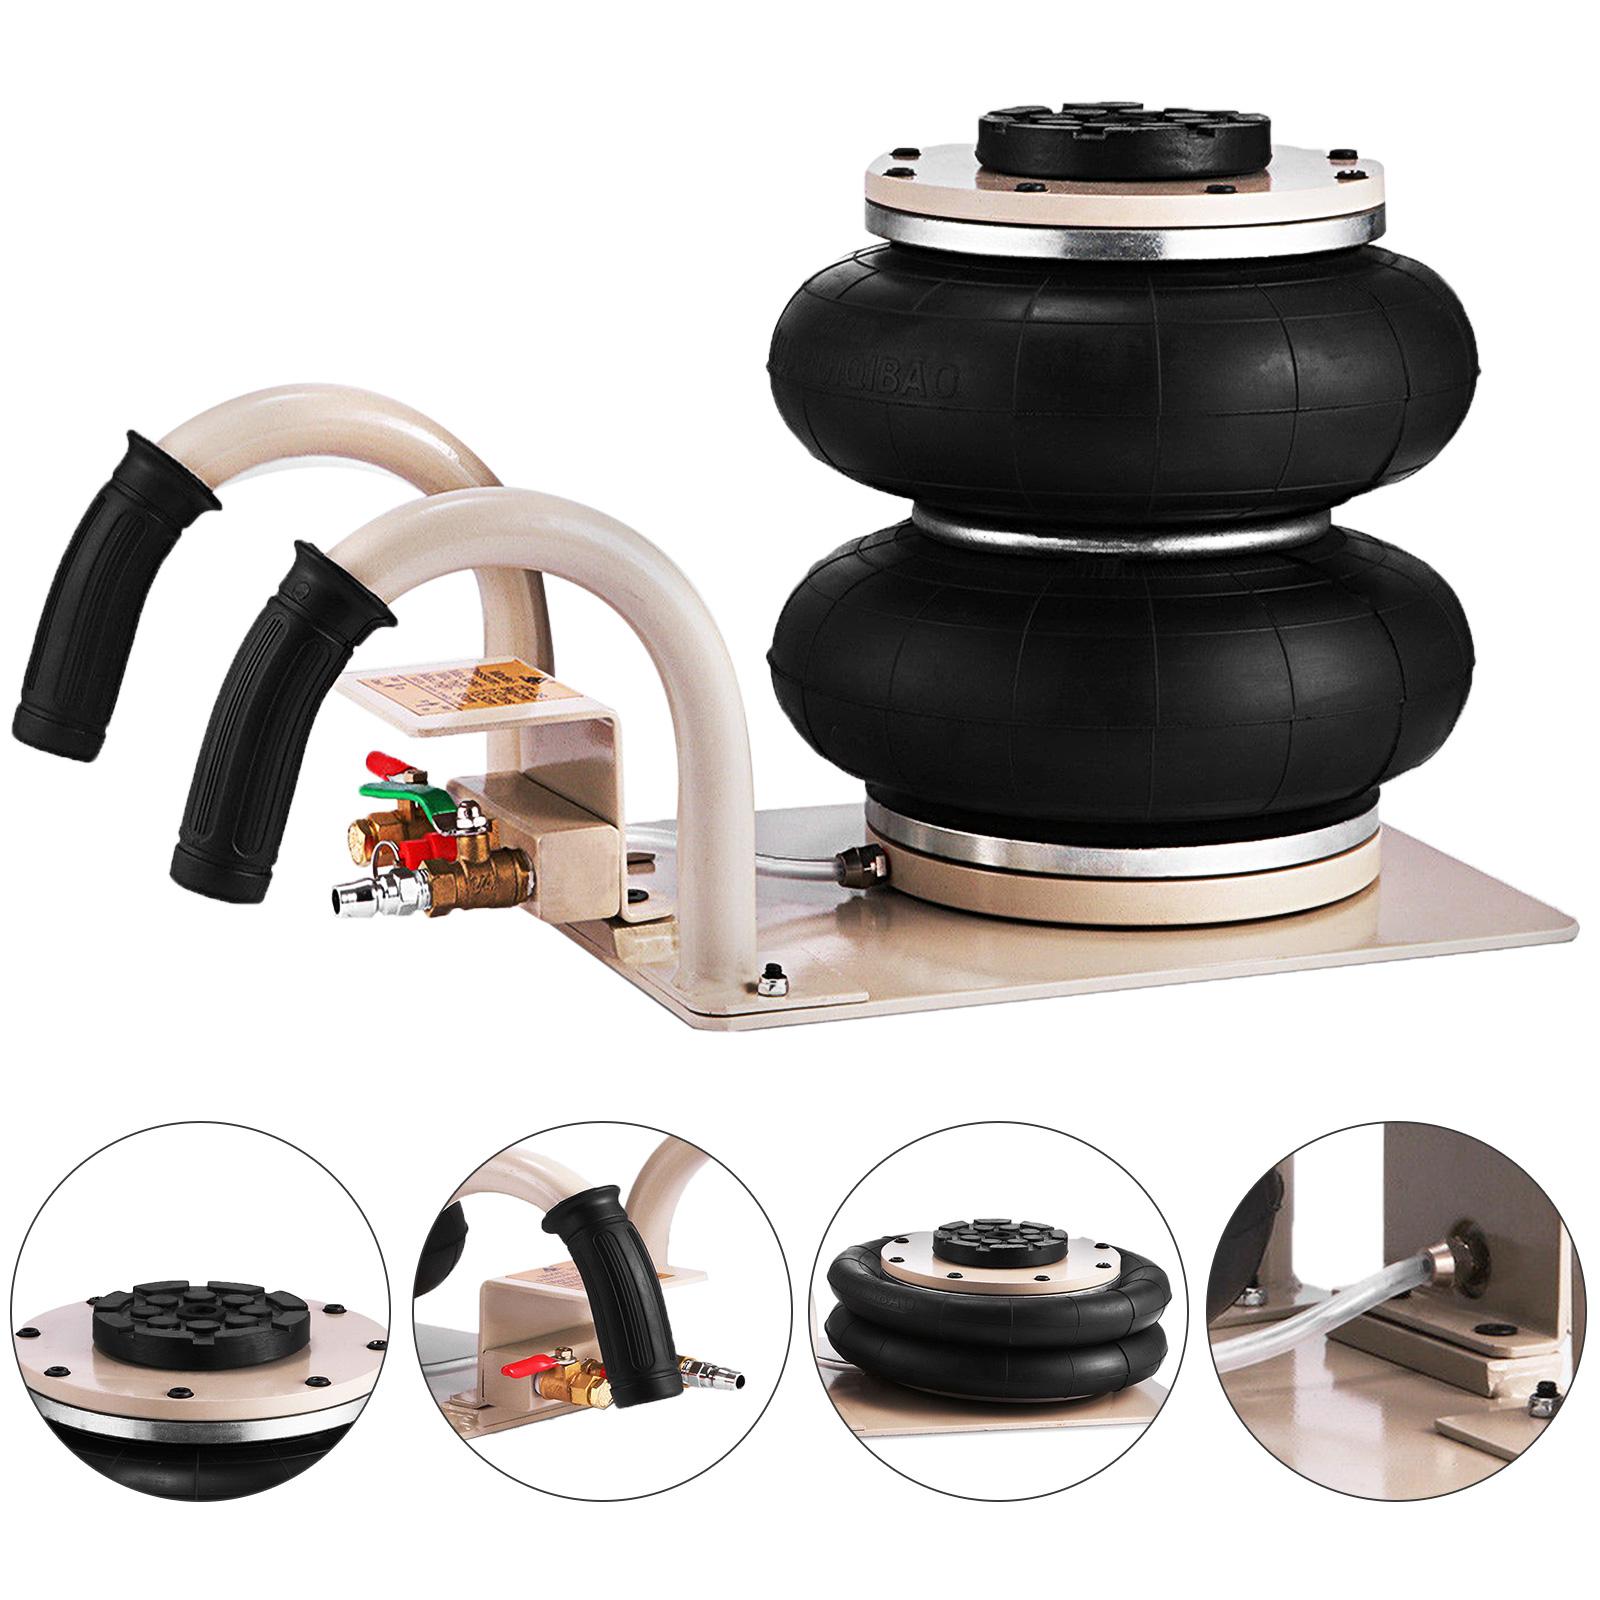 2 5t pneumatischer wagenheber druckluft 2 ringe 2500kg. Black Bedroom Furniture Sets. Home Design Ideas